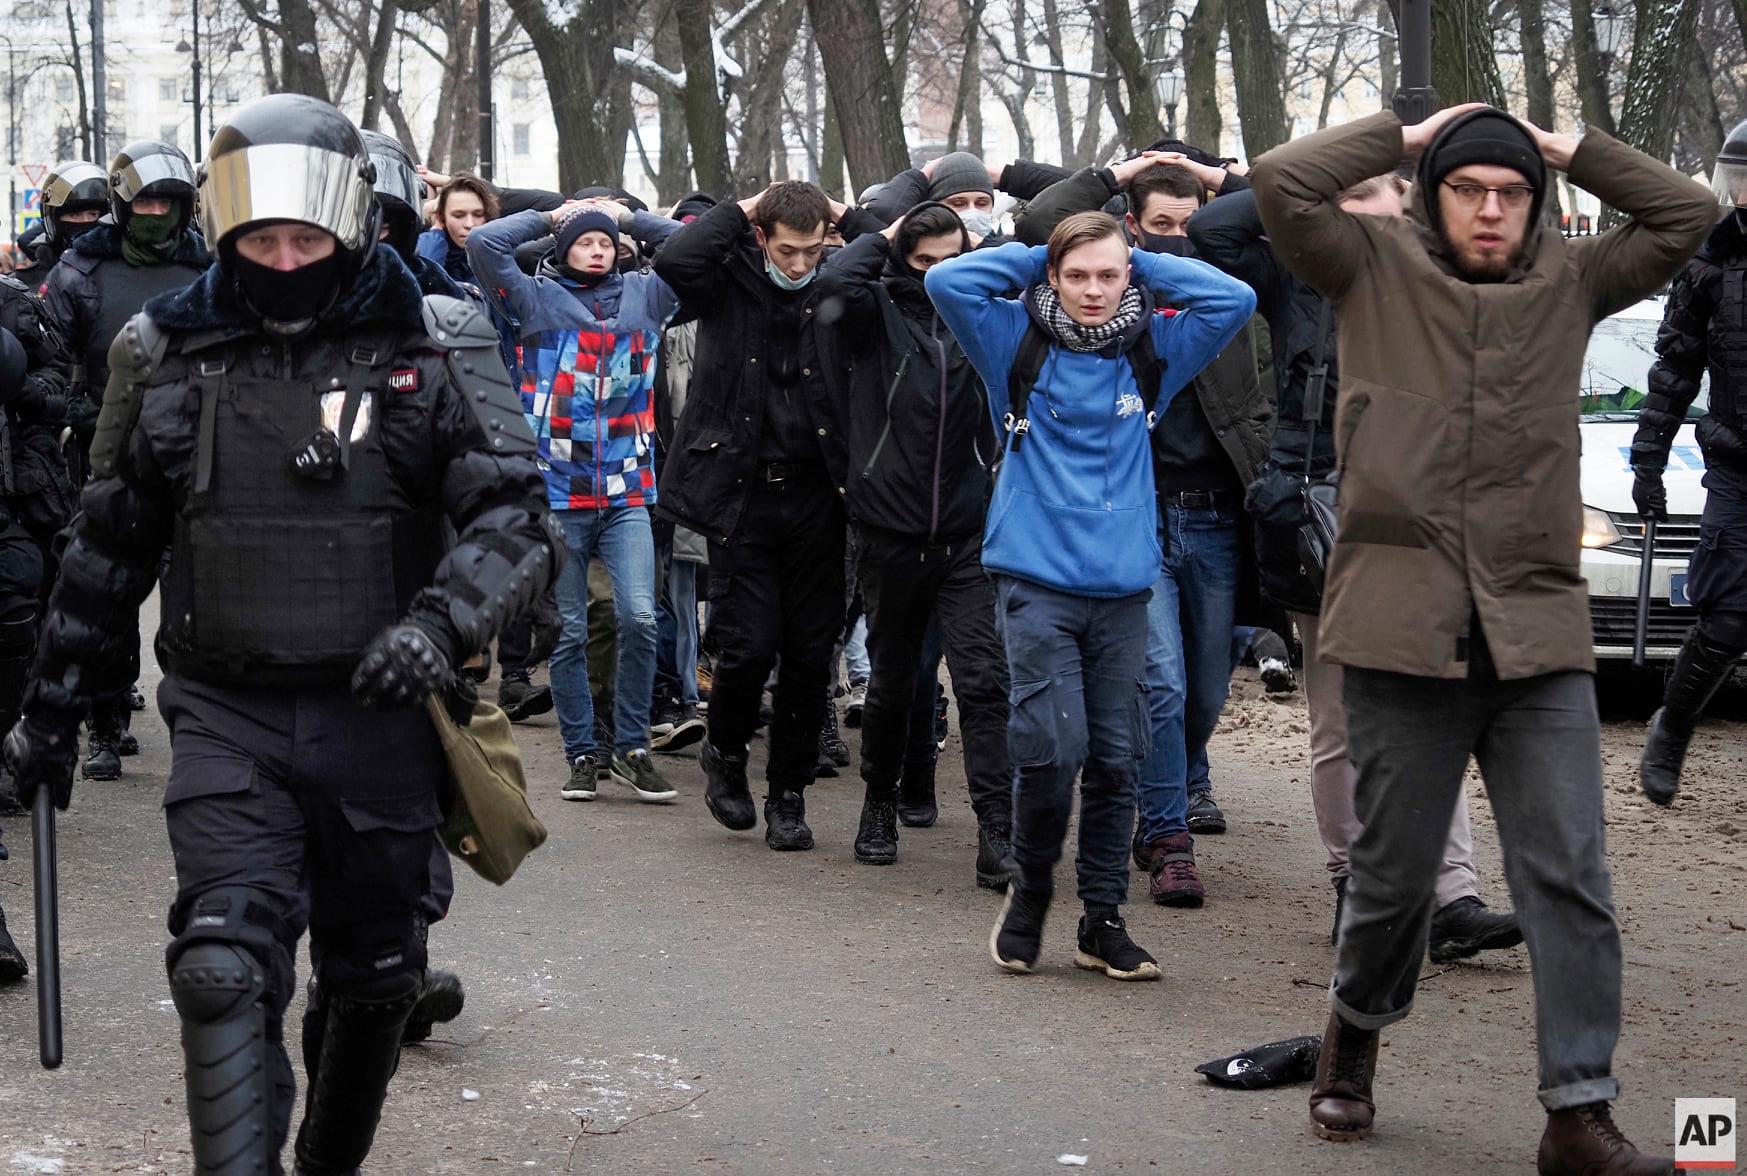 01.31 Задержанные участники акции протеста